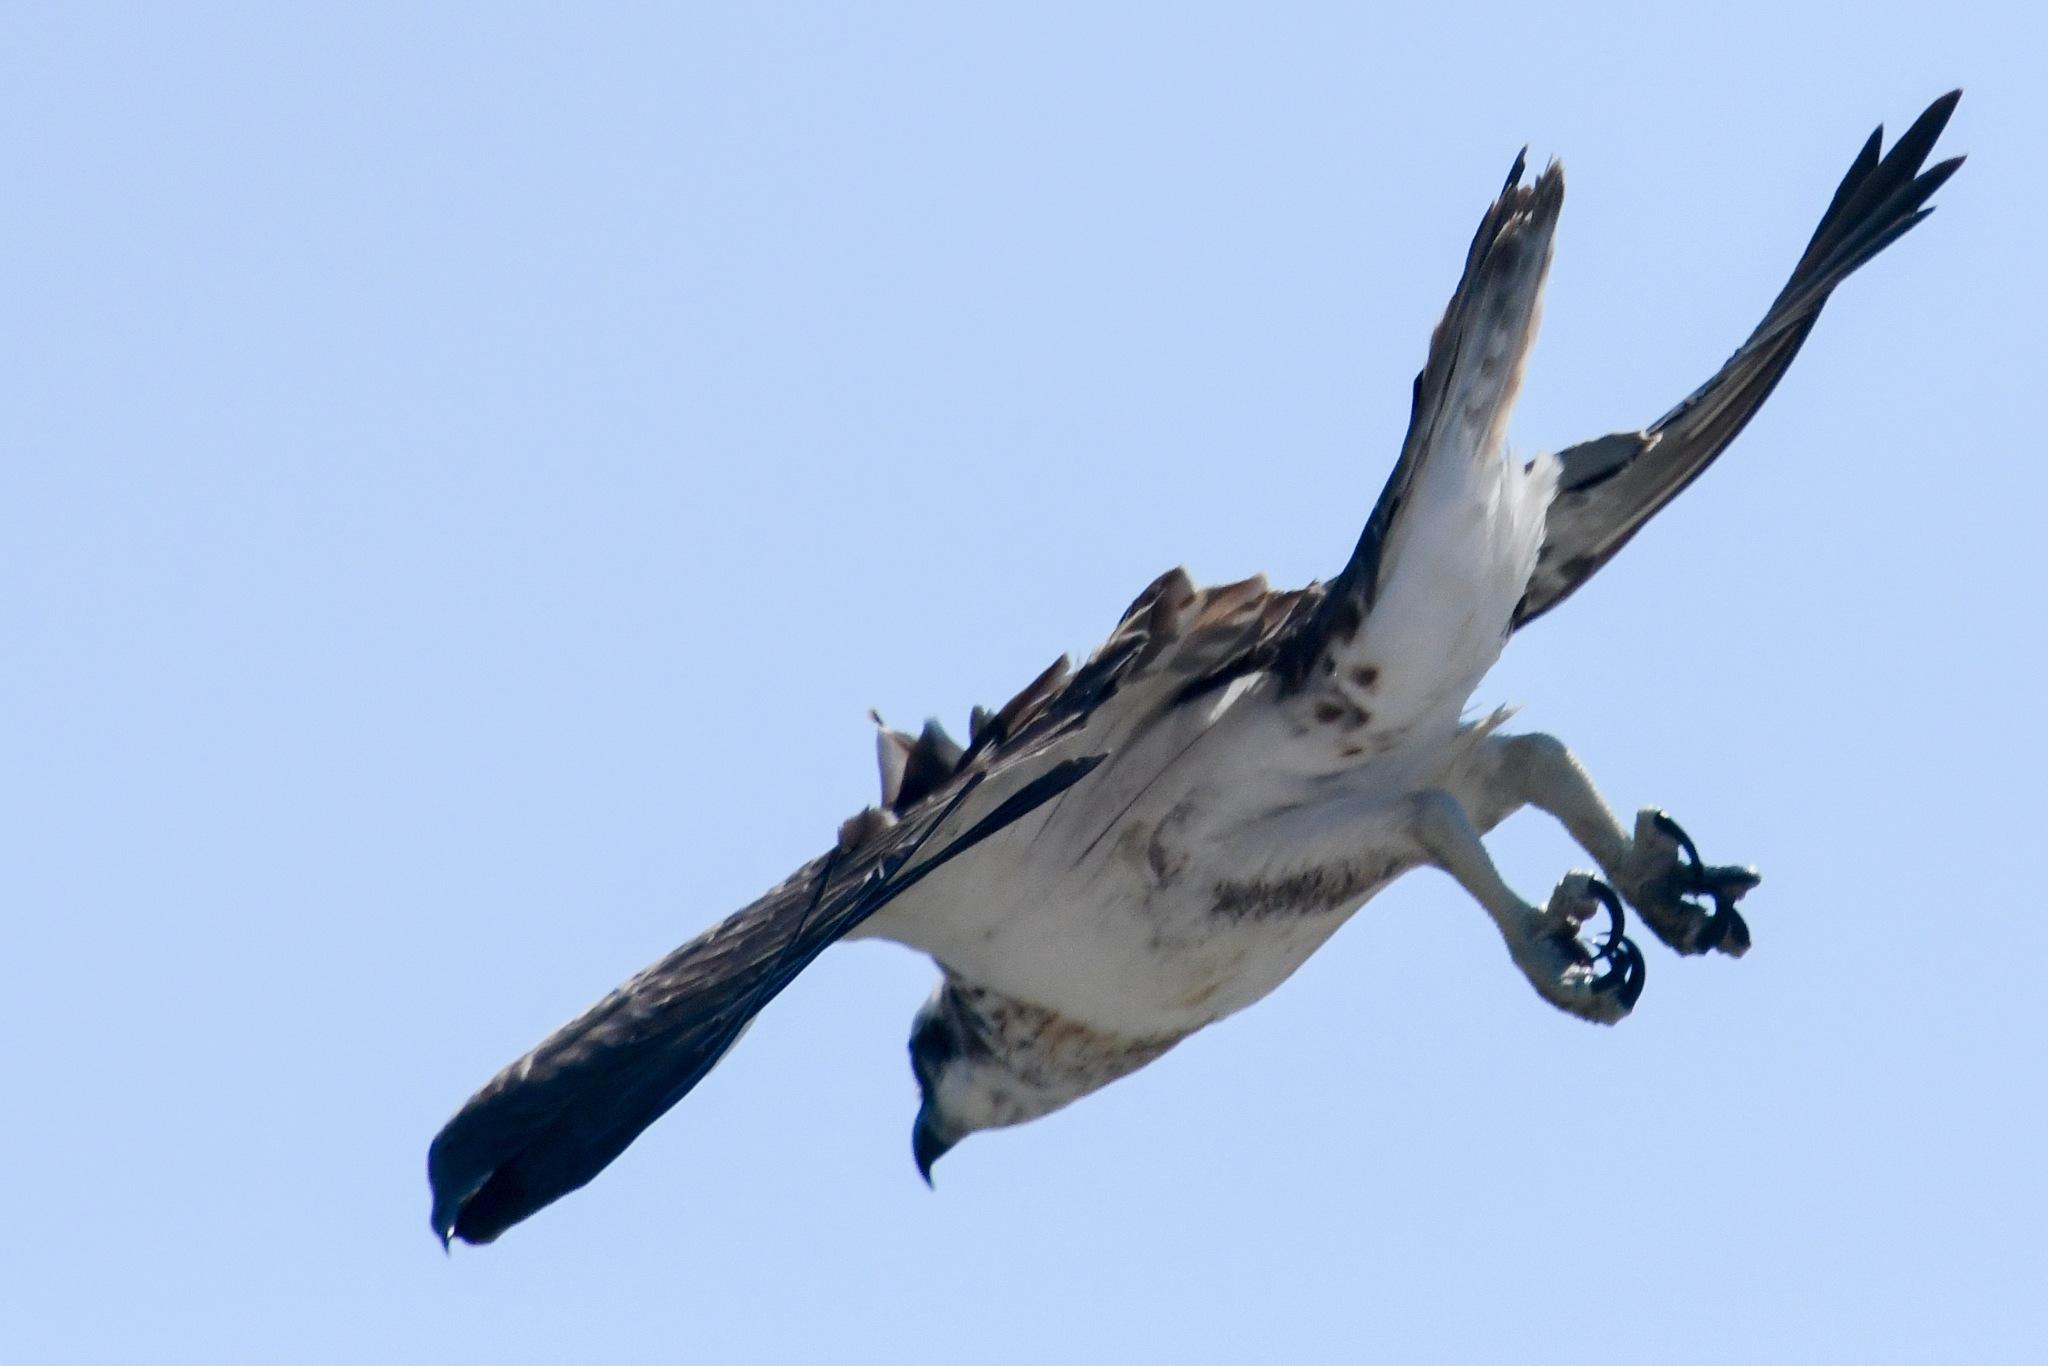 Osprey in a dive by chrisgnixon